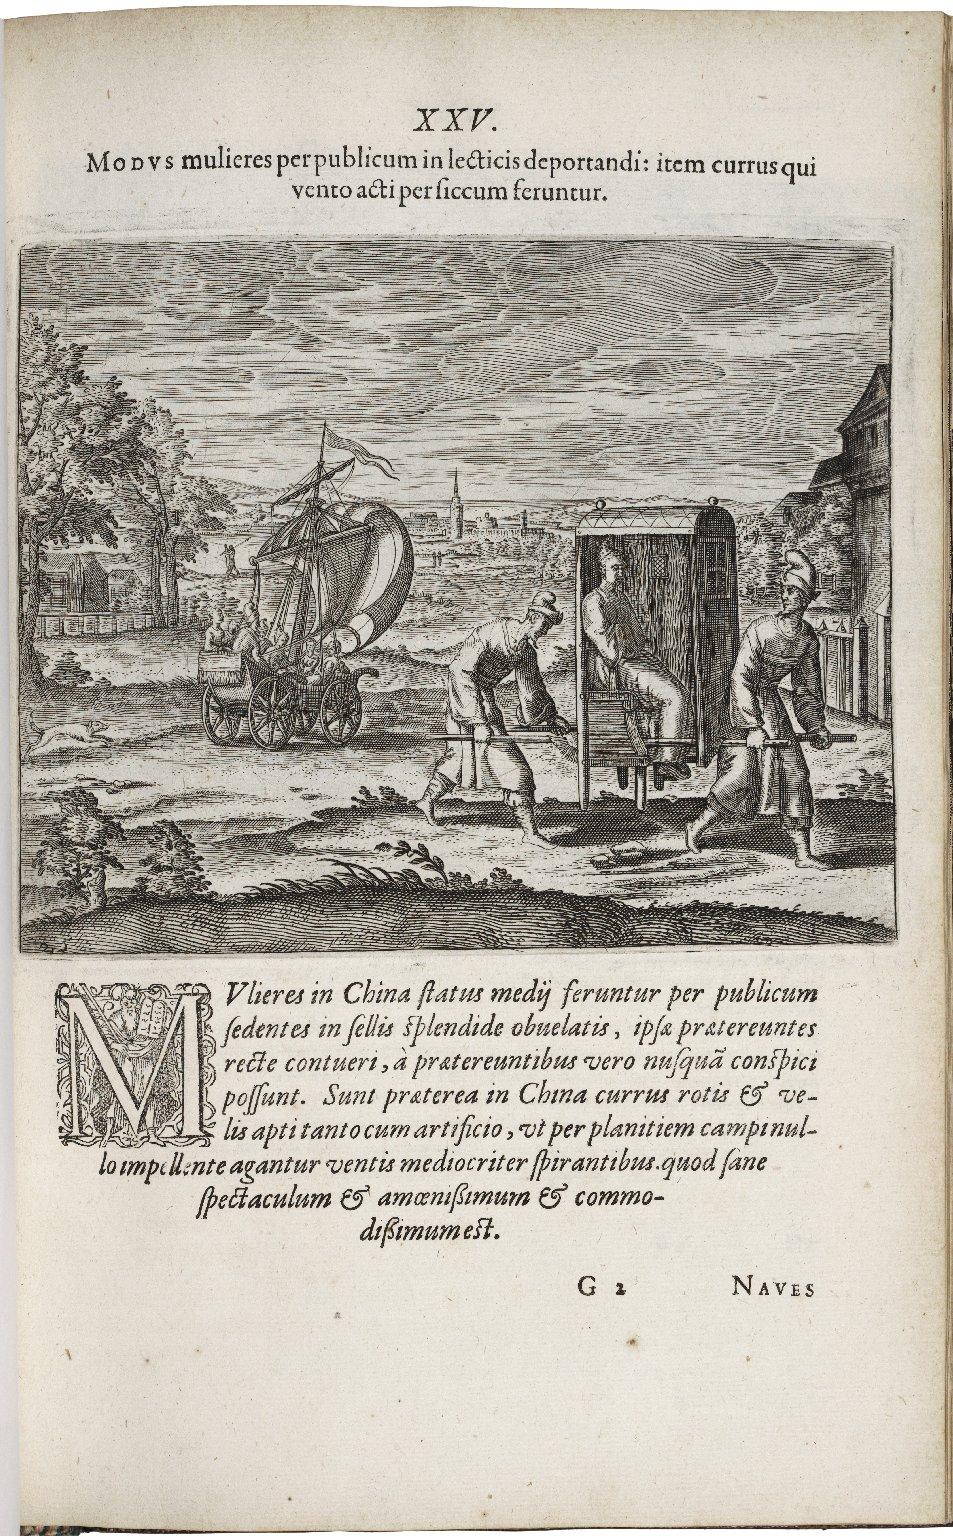 [Itinerario, voyage ofte schipvaert van Jan Huygen van Linschoten naer Oost ofte Portugaels Indien. Latin. Selections]